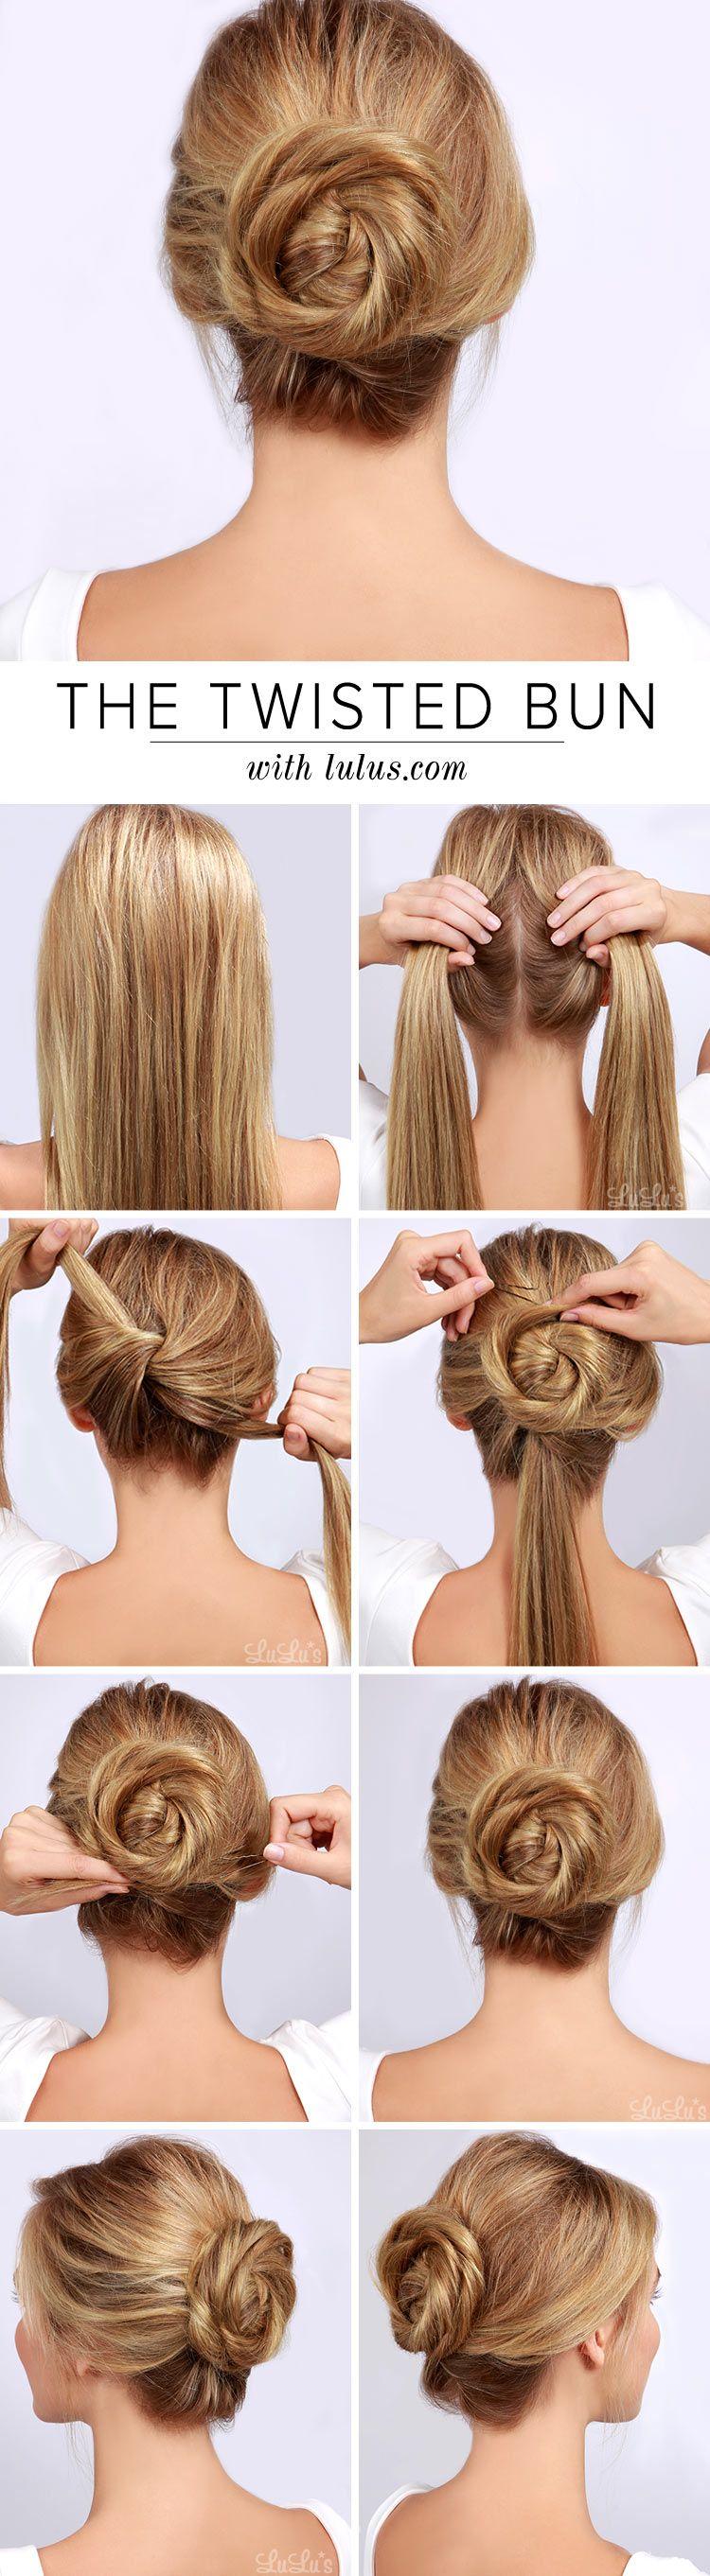 Lulus howto twisted bun hair tutorial bun hair tutorials bun